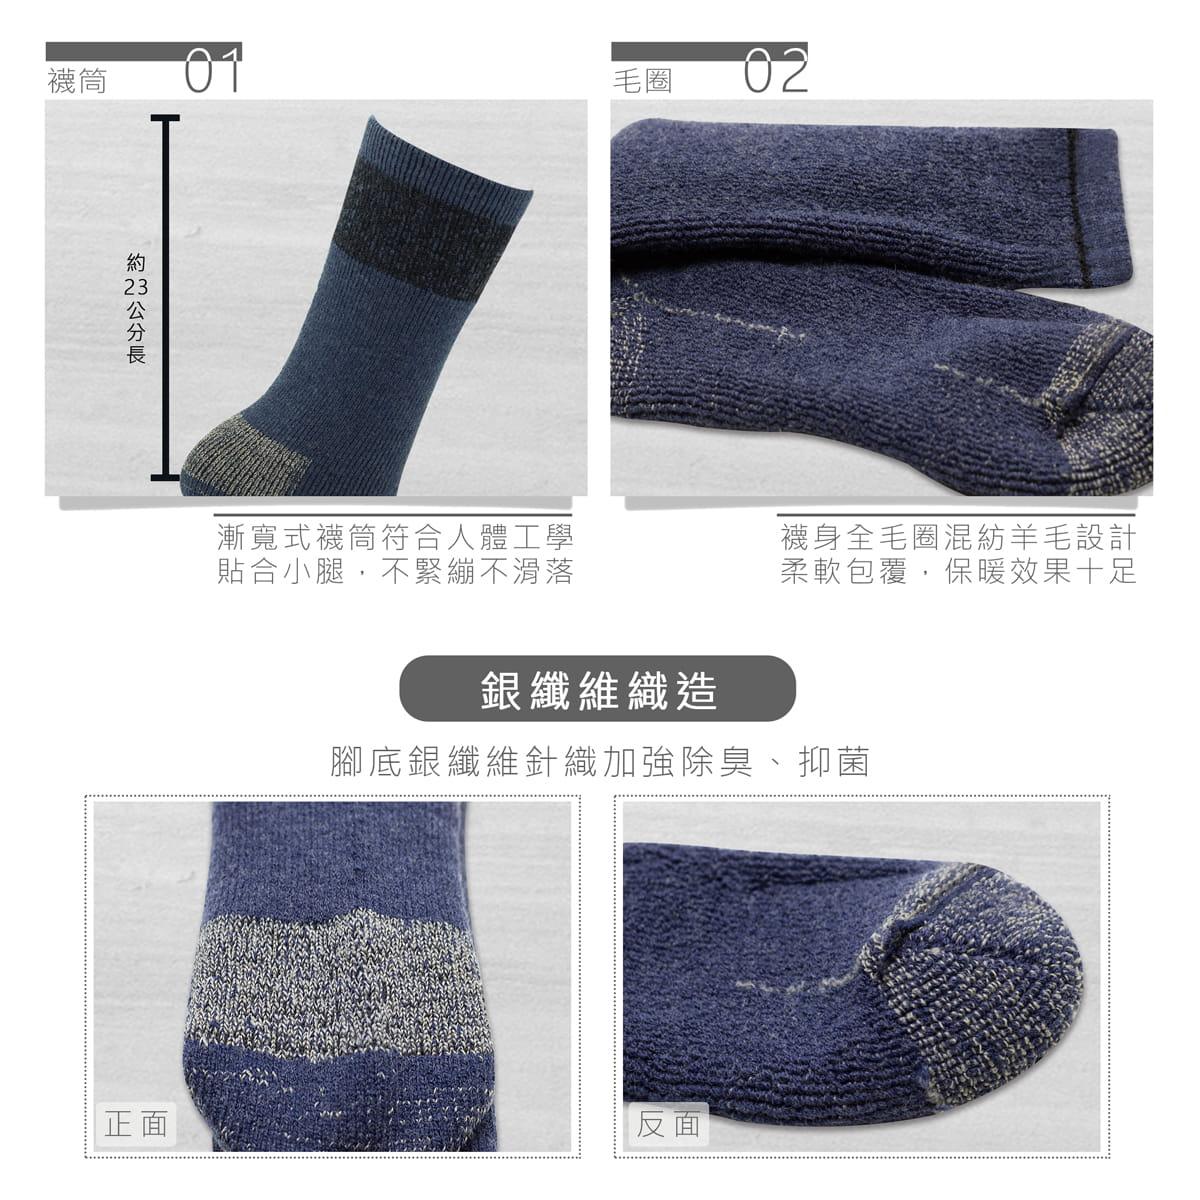 【Lin】戶外登山襪三雙組 3